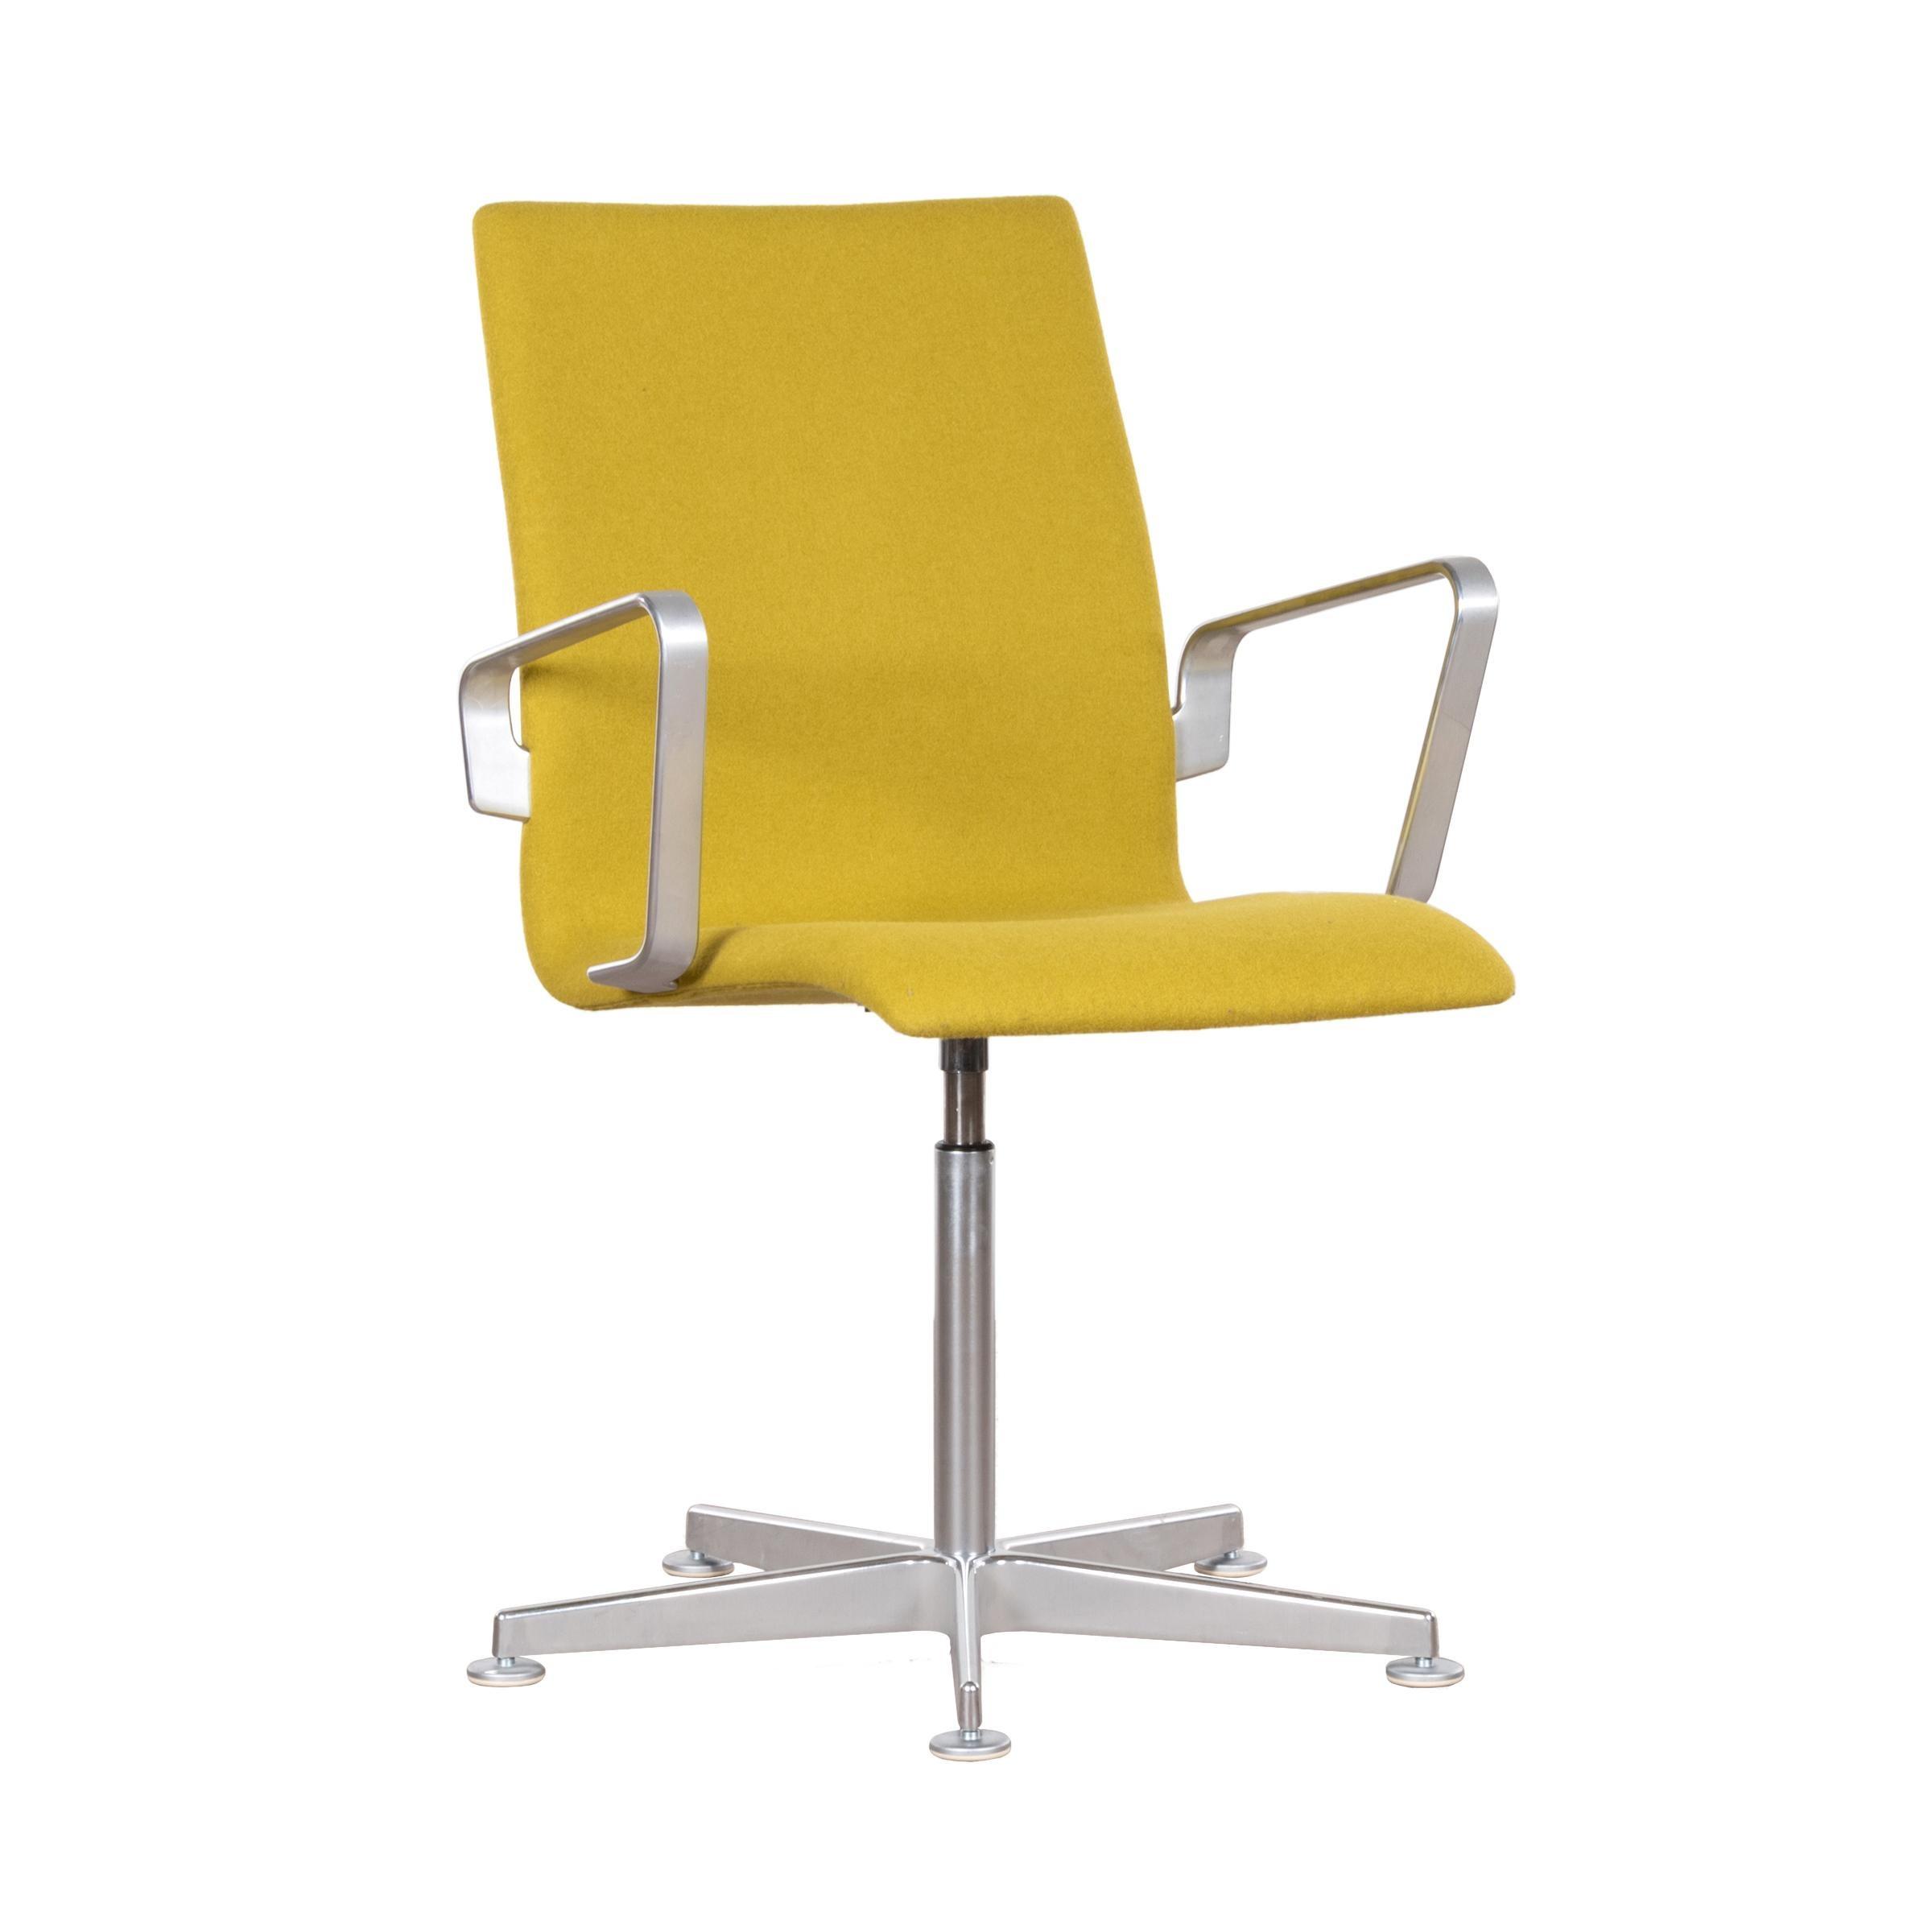 Arne Jacobsen Oxford Chair in Lime Green Wool for Fritz Hansen, Denmark